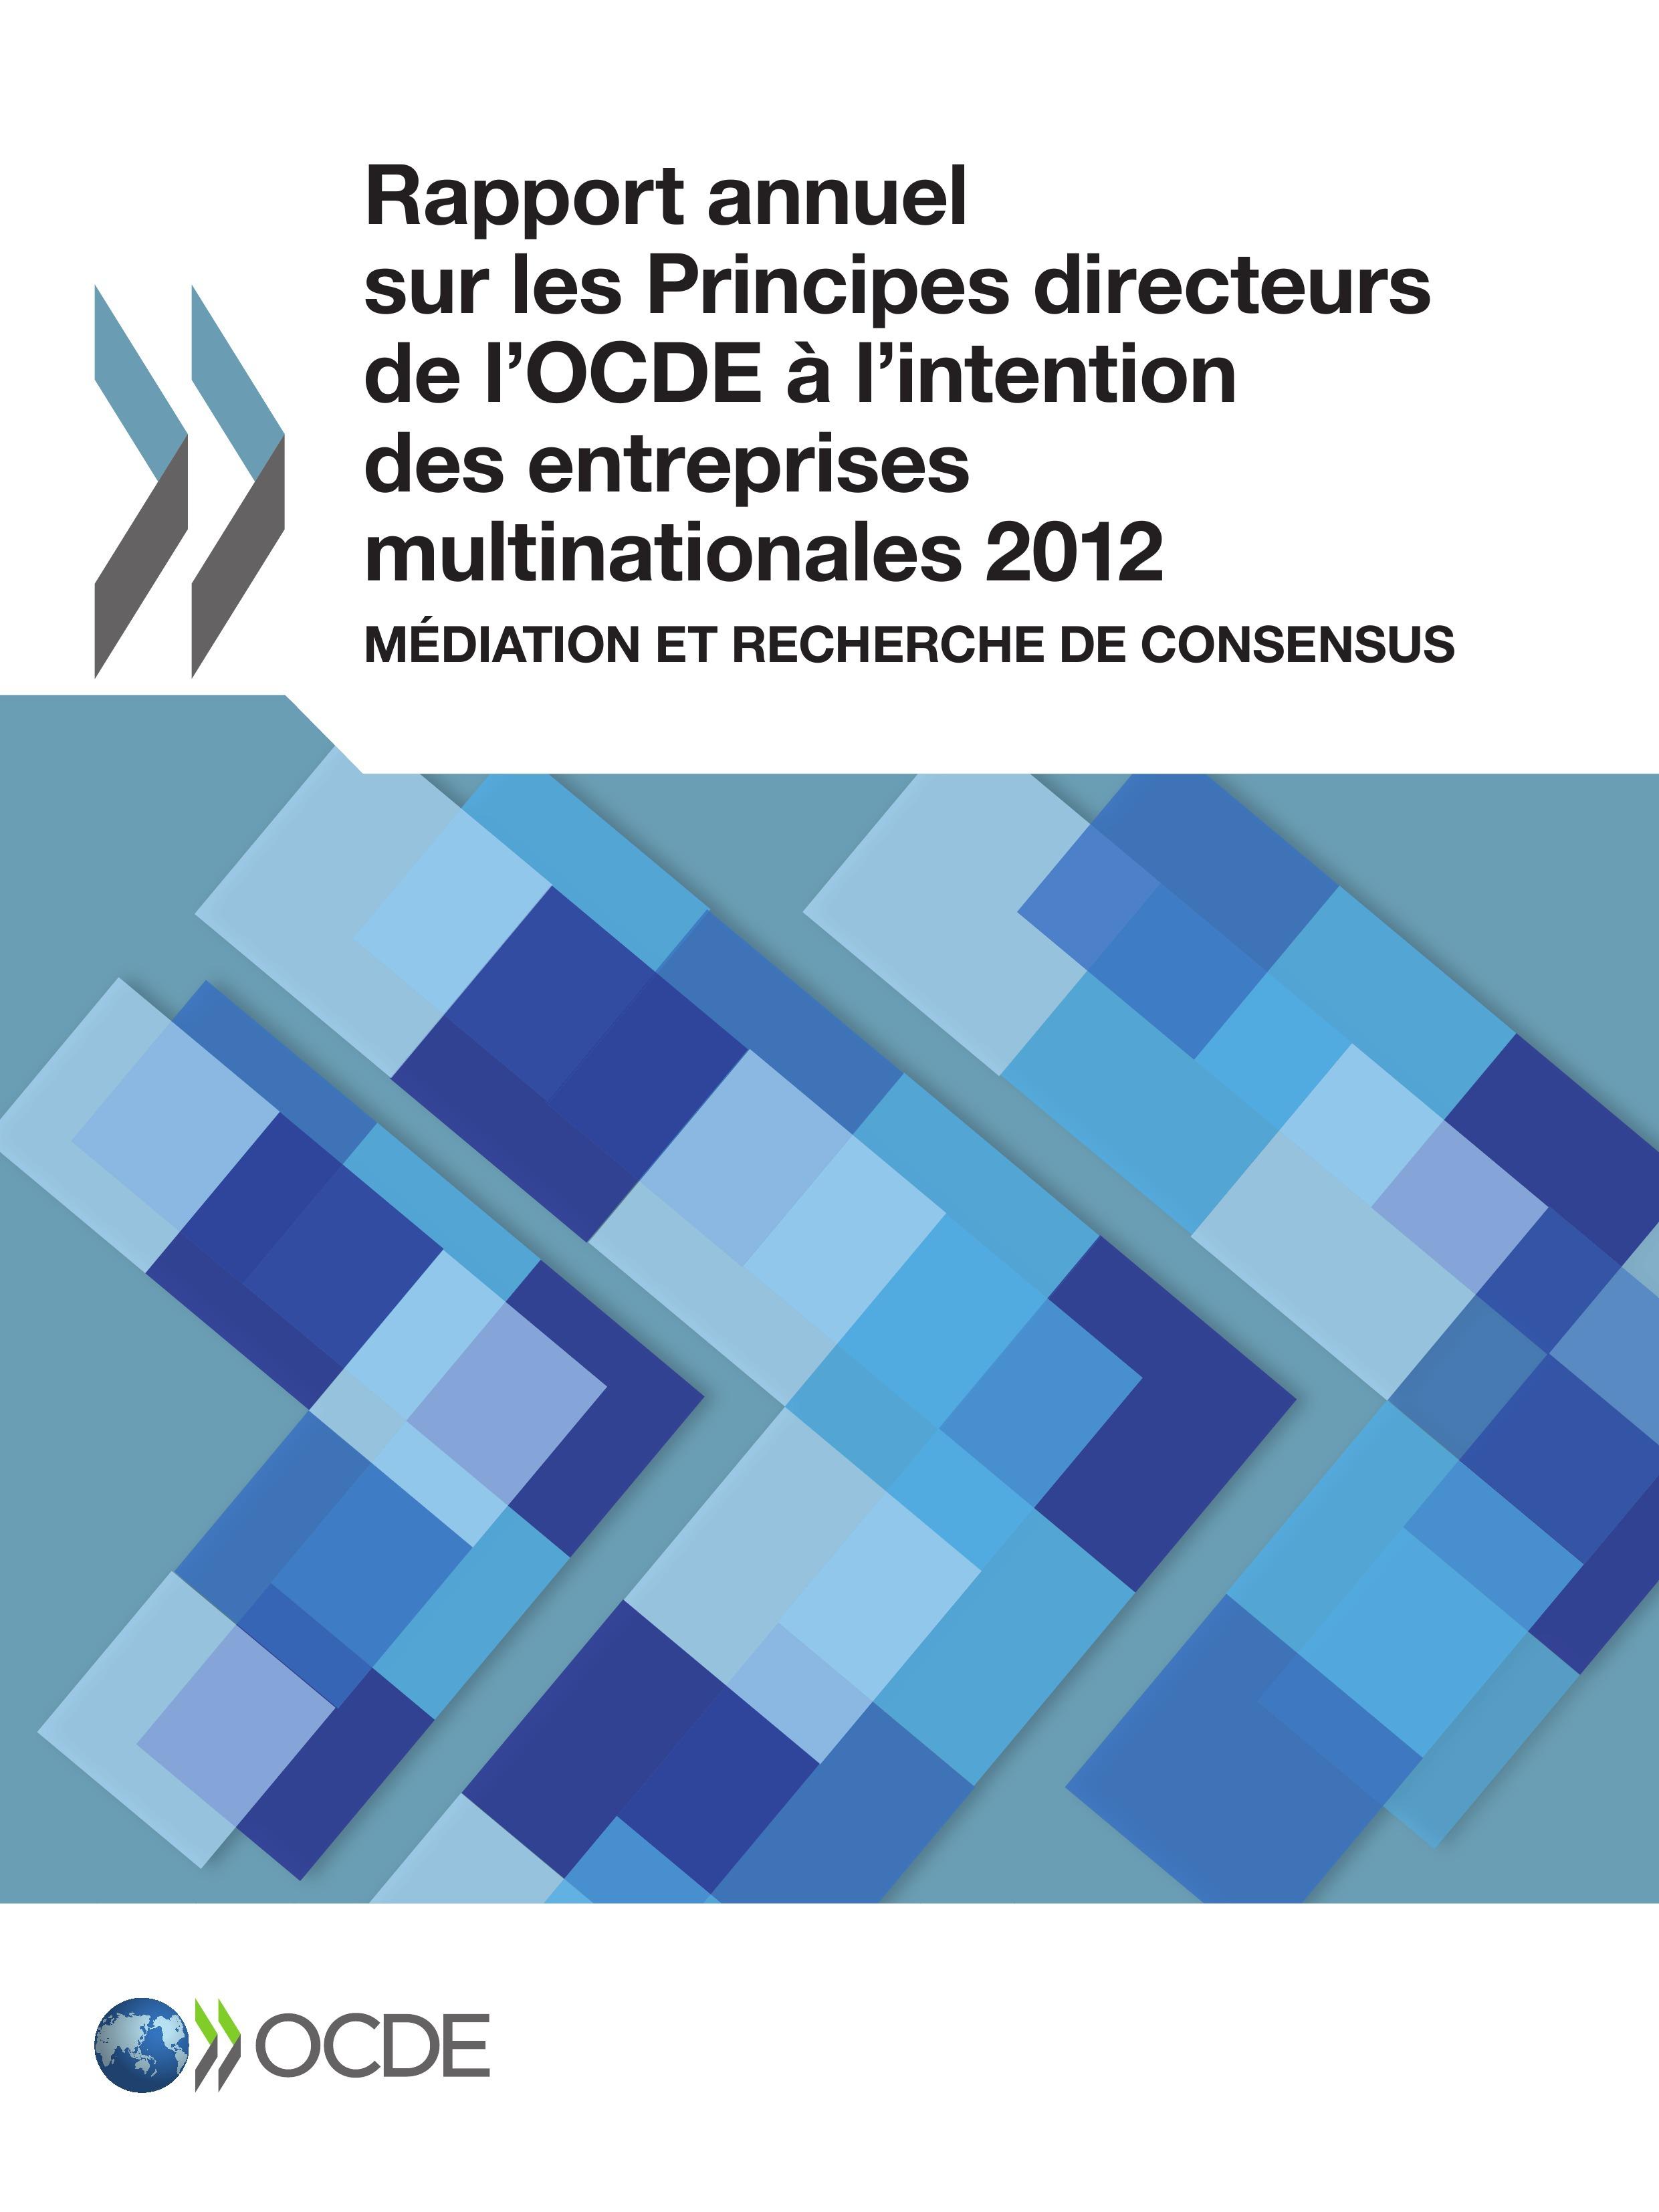 Rapport annuel sur les Principes directeurs de l'OCDE à l'intention des entreprises multinationales 2012